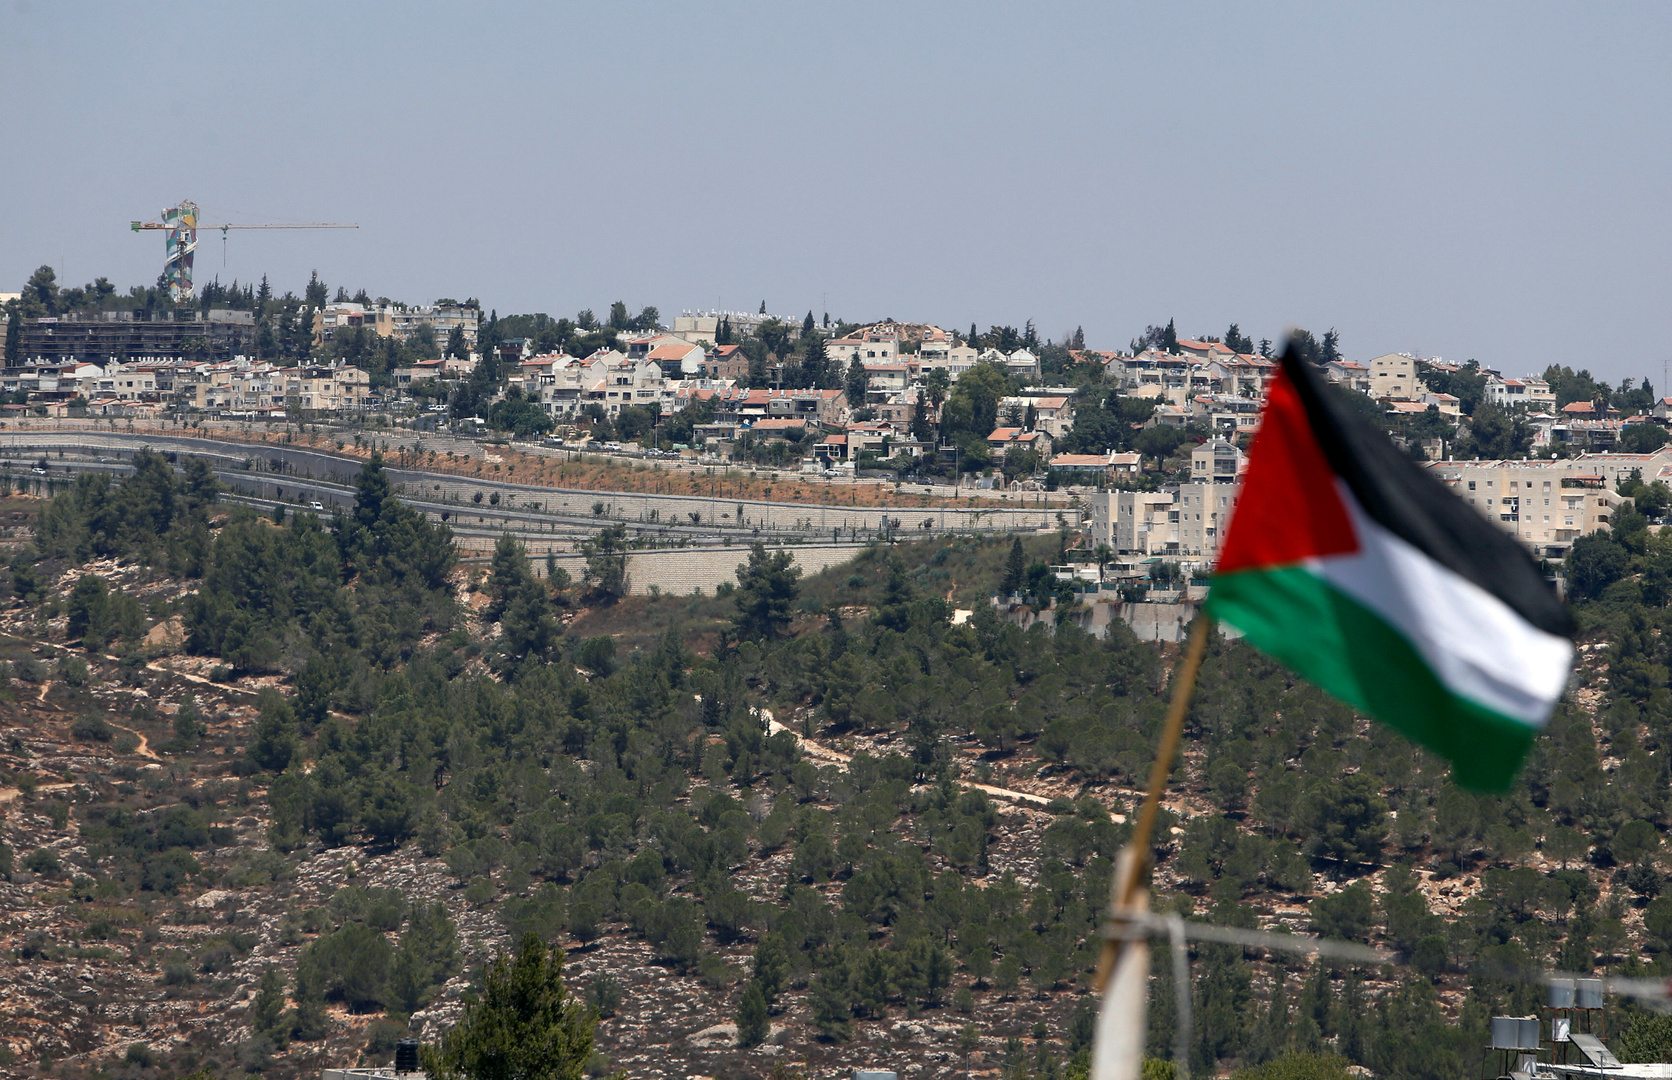 السلطة الفلسطينية تعلق تبادل المعلومات مع المخابرات الأمريكية